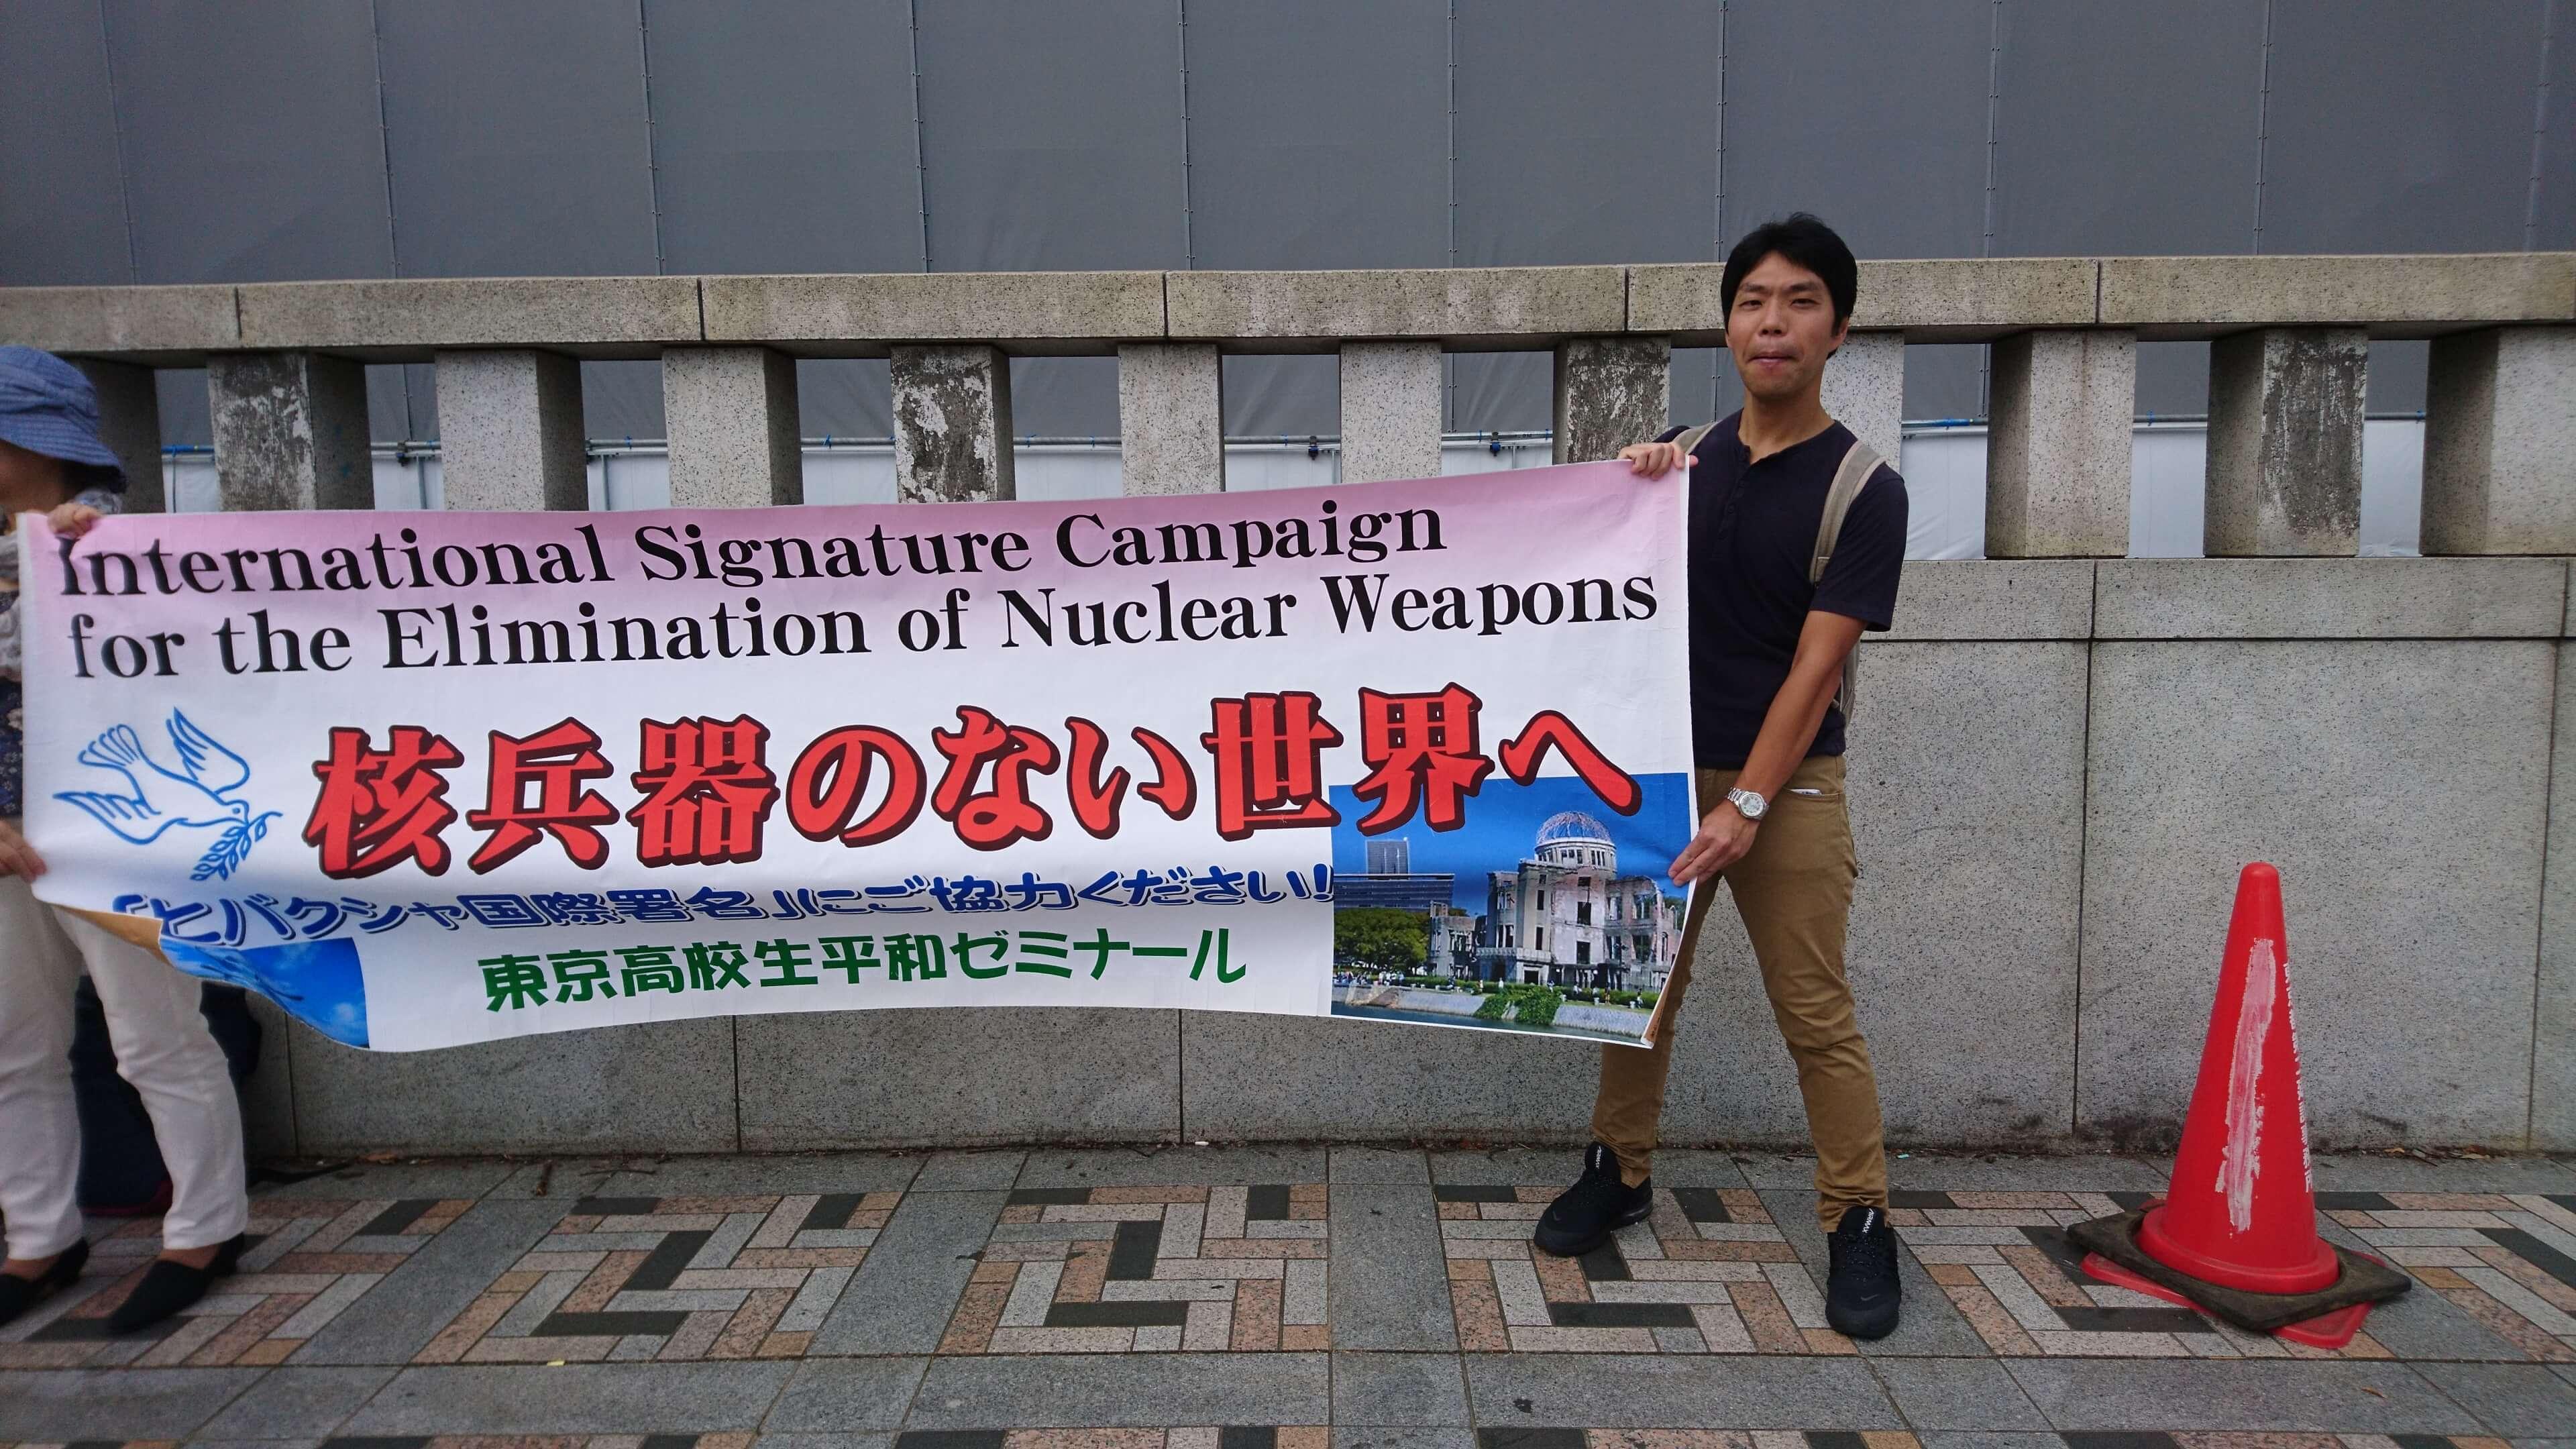 さんはん,詩人,社会,言いたい放題,自由,平和,反戦,戦争反対,ヒバクシャ国際署名,神宮橋,原宿,東京高校生平和ゼミナール,